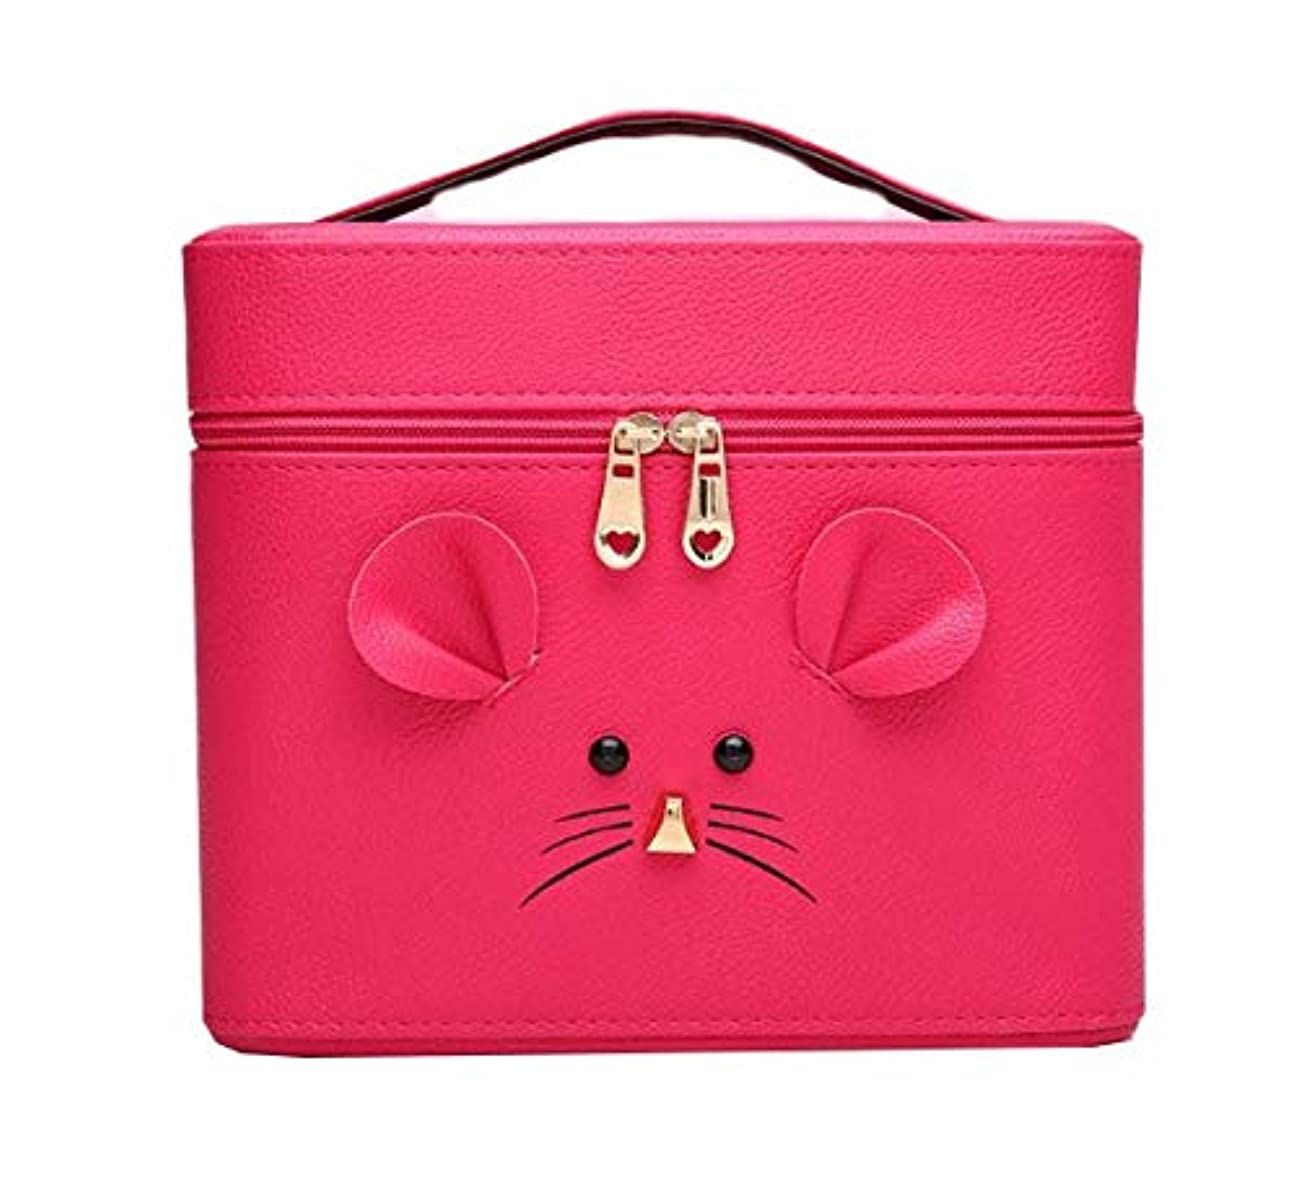 最近倫理センブランス化粧箱、ローズレッド漫画マウス化粧ケース、ポータブル旅行化粧品ケース、美容ネイルジュエリー収納ボックス (Size : M)